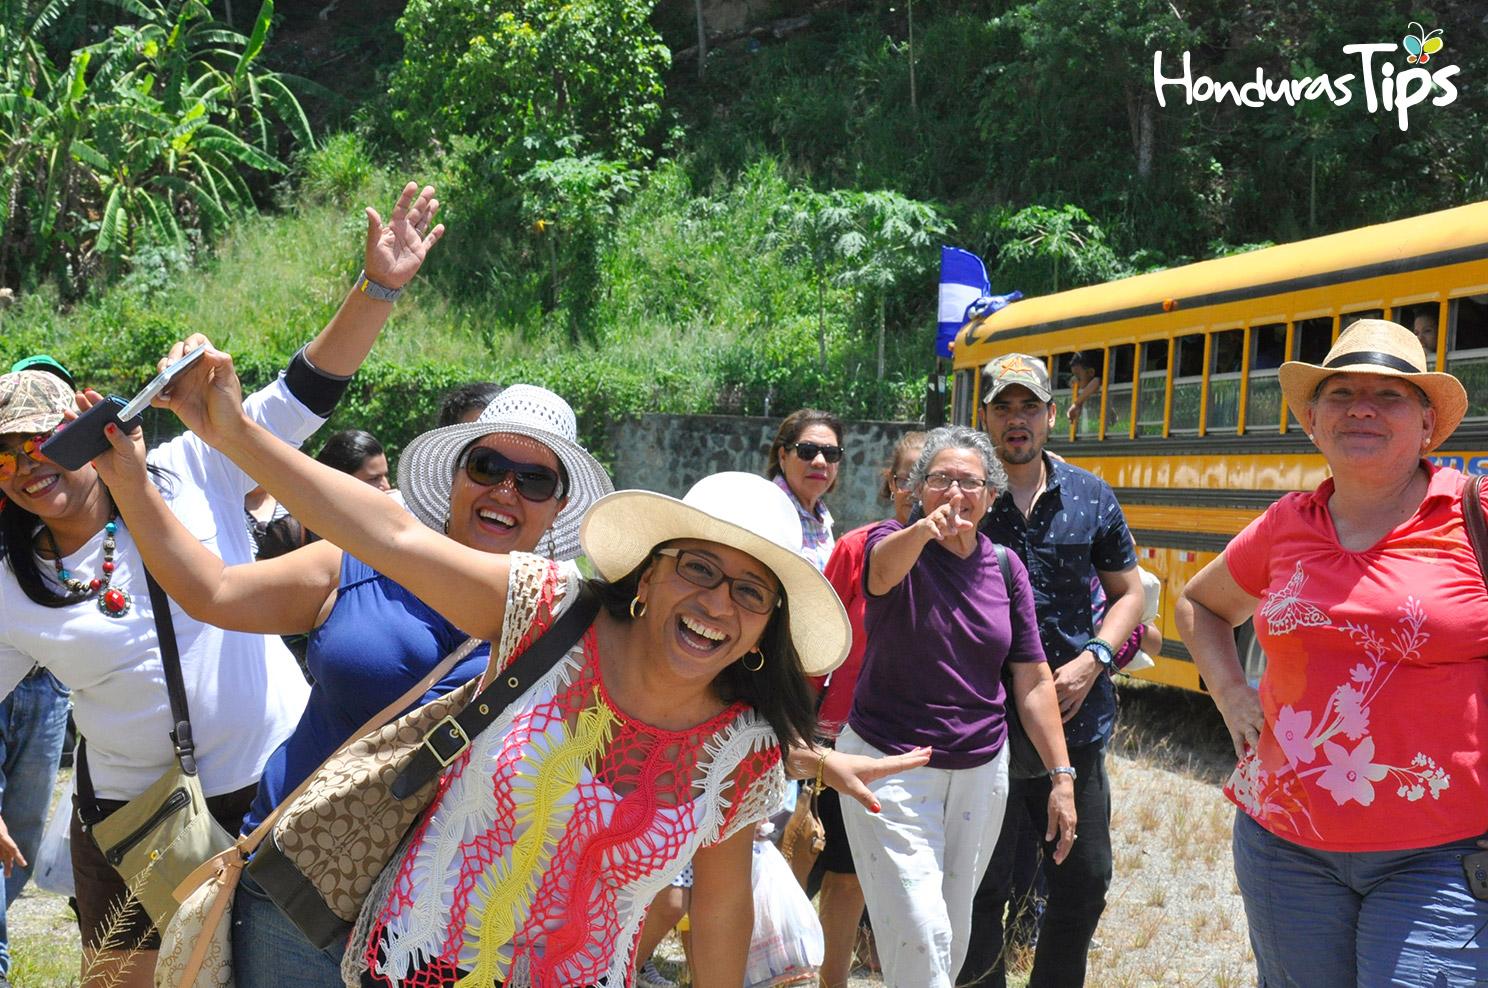 La alegría y emoción de los miembros de Caravana de Identidad era evidente al momento de arribar a Trujillo.